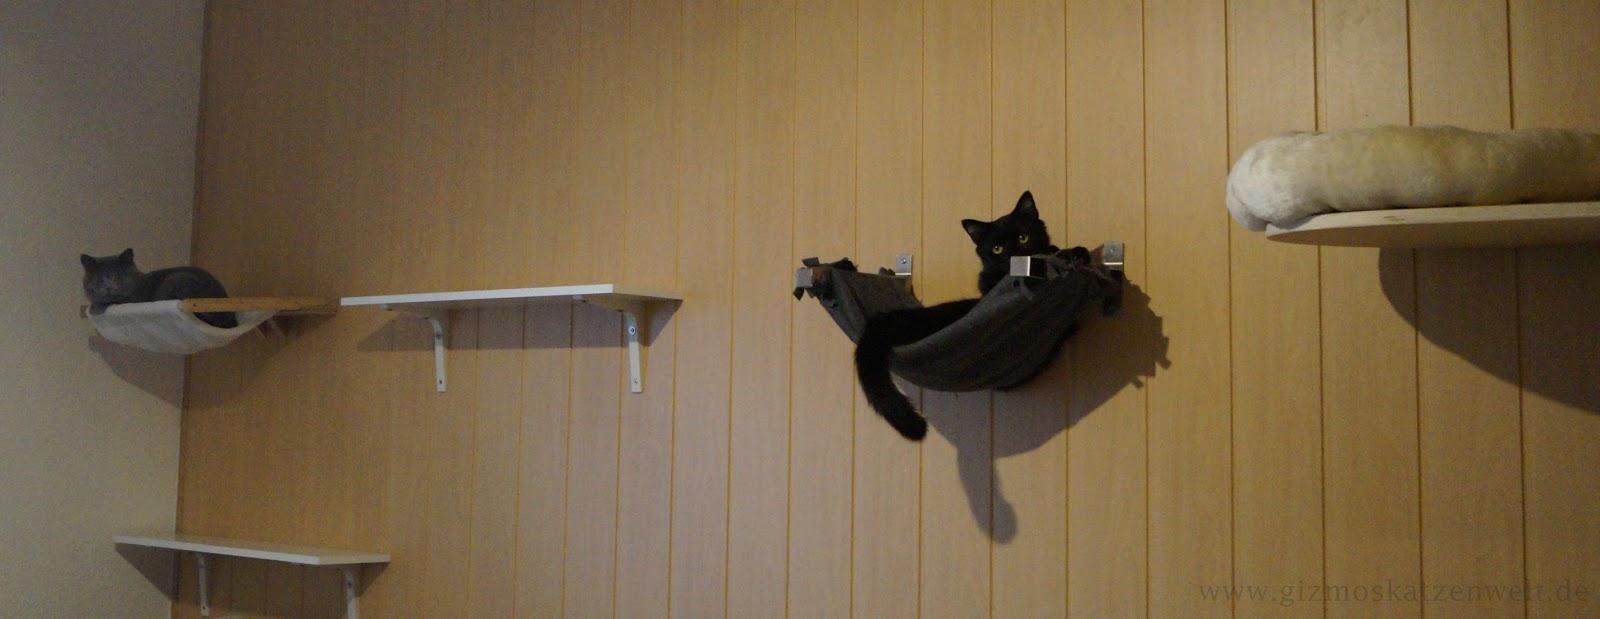 katzenblog alltag auf 4 pfoten diy catwalk einfach. Black Bedroom Furniture Sets. Home Design Ideas